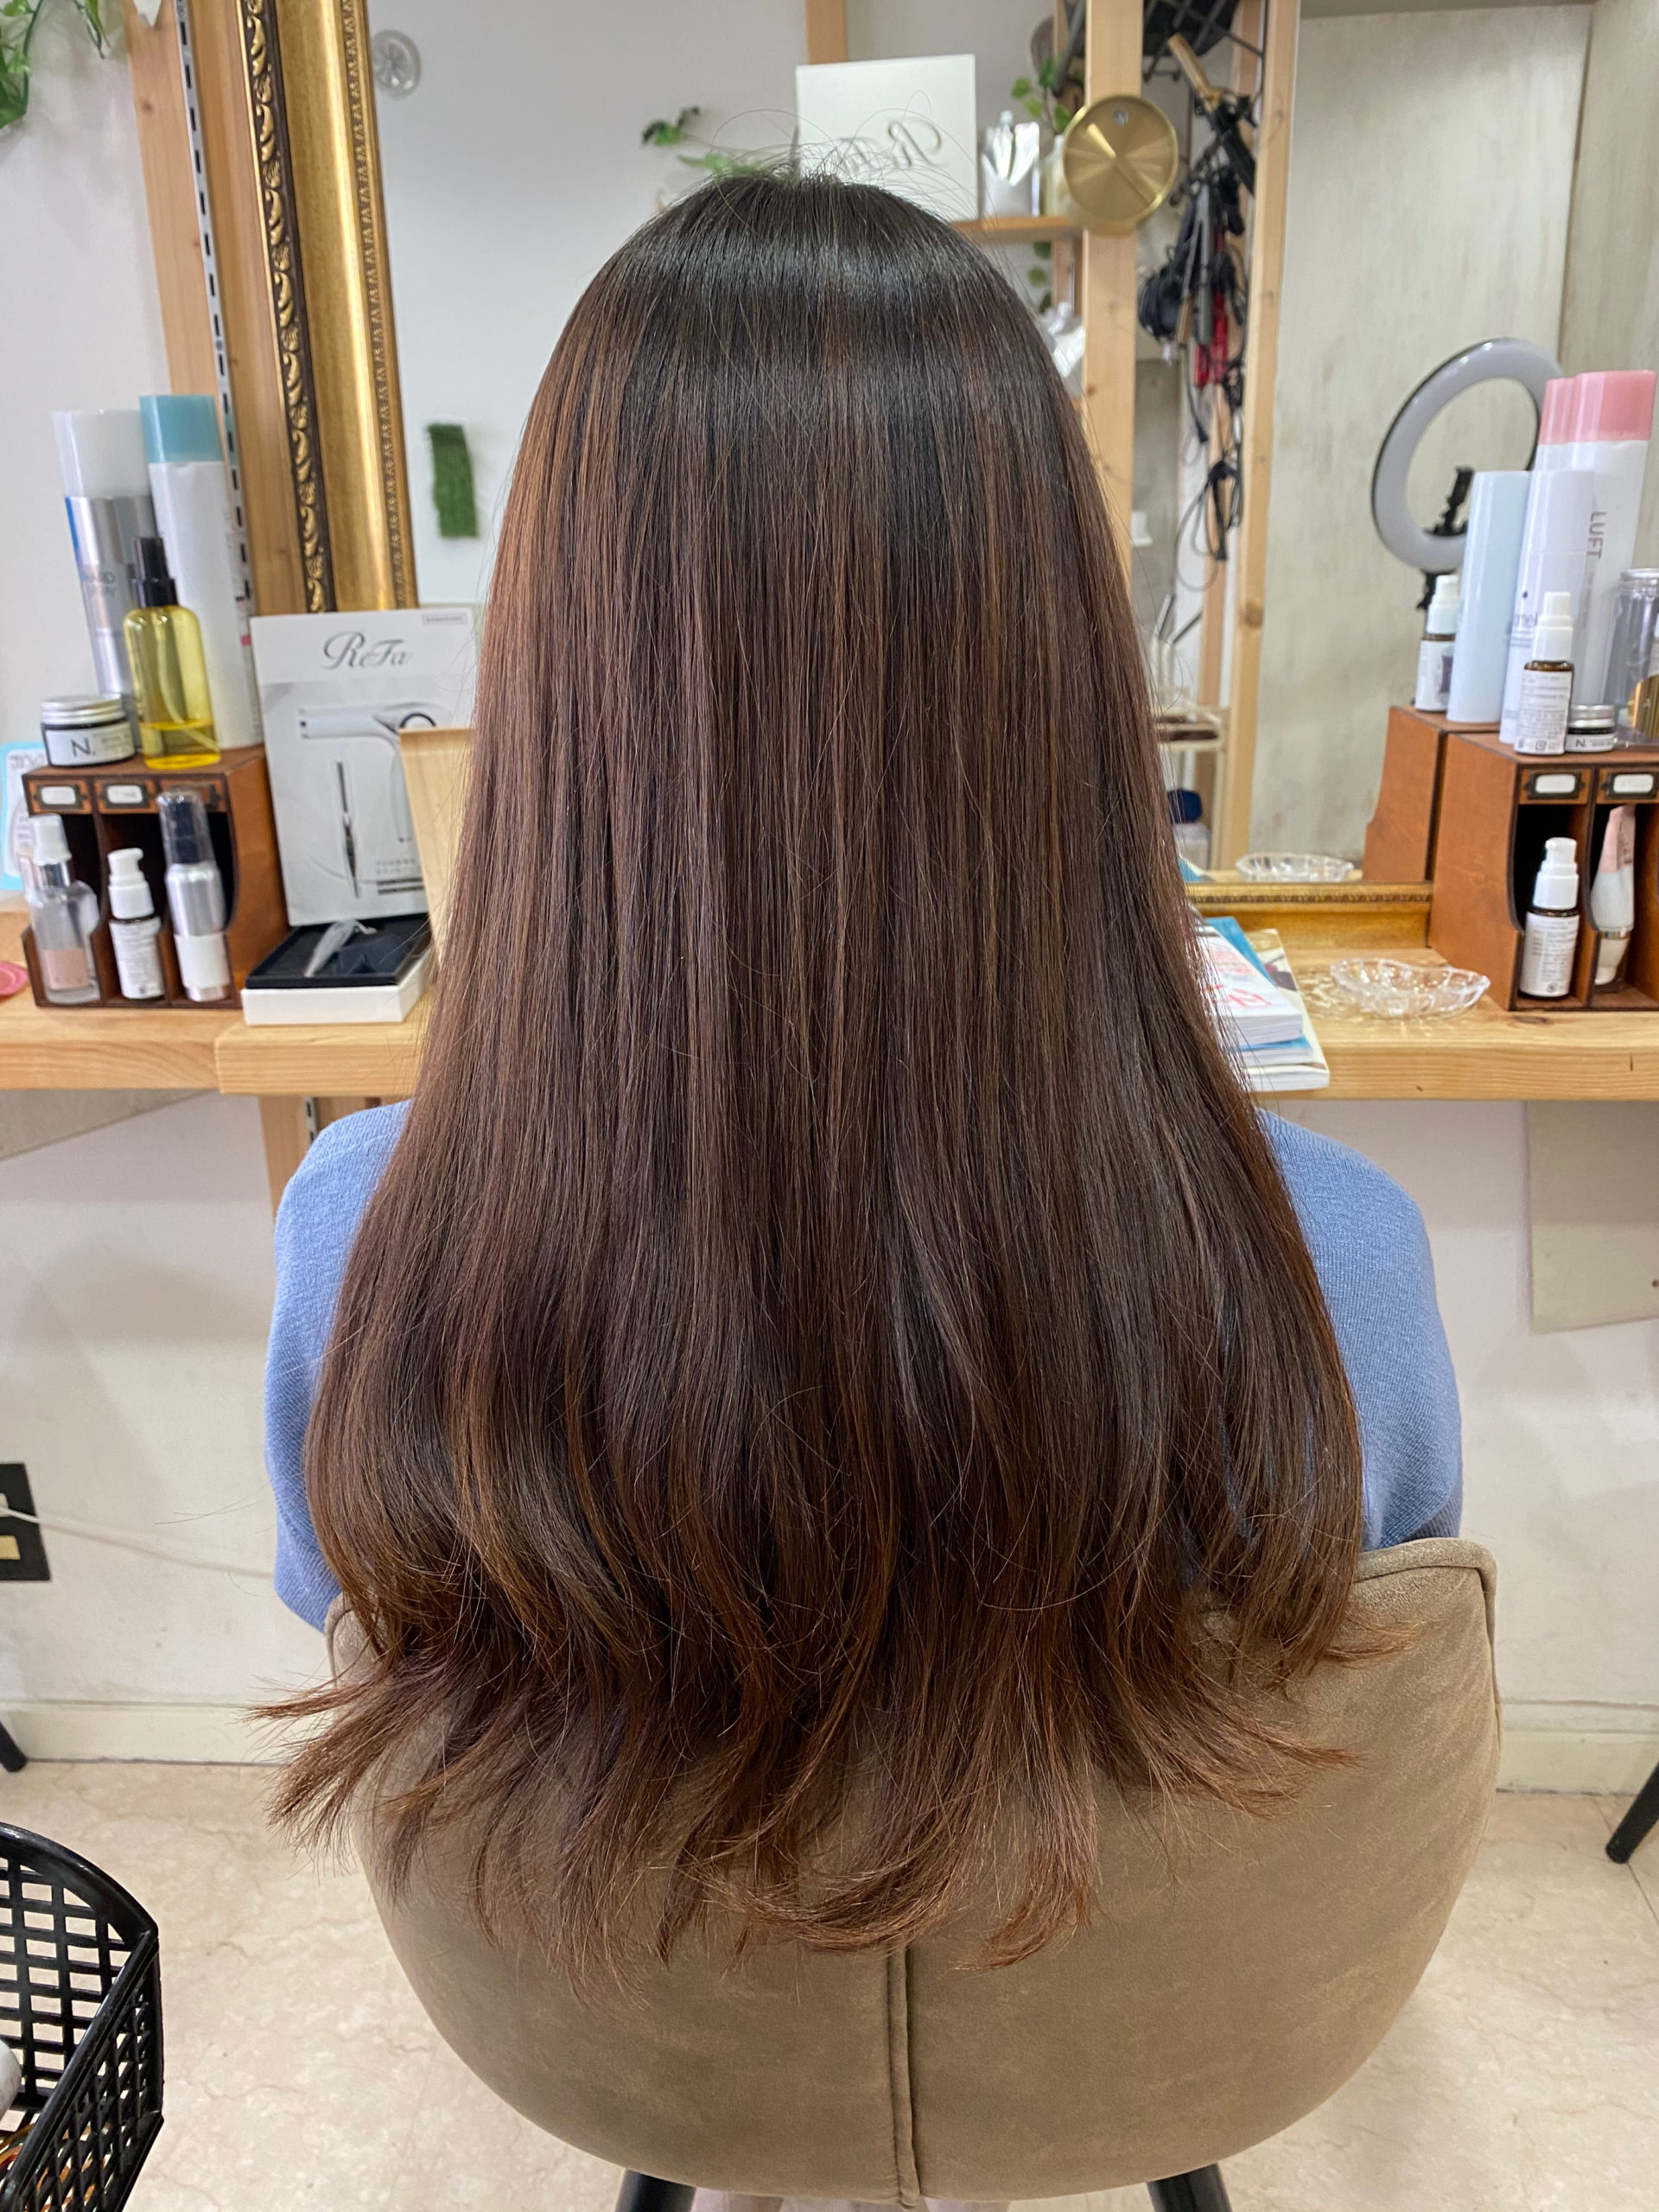 パーマ落としを【LULUトリートメント×縮毛矯正】で艶髪に。原宿・表参道『髪のお悩みを解決するヘアケア美容師の挑戦』